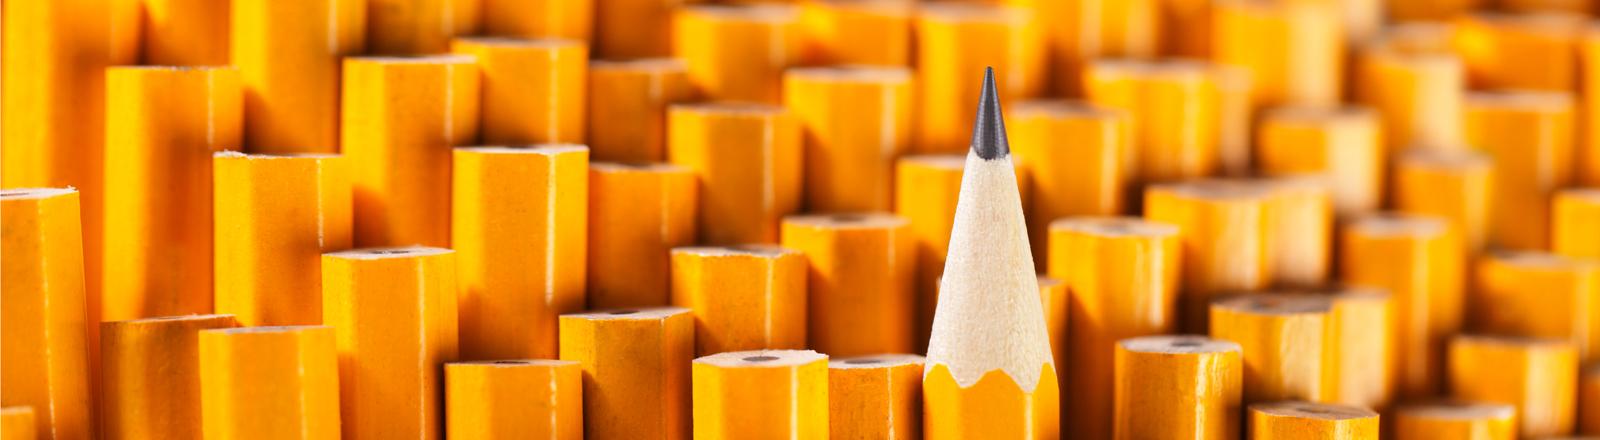 Viele gelbe Bleistifte.